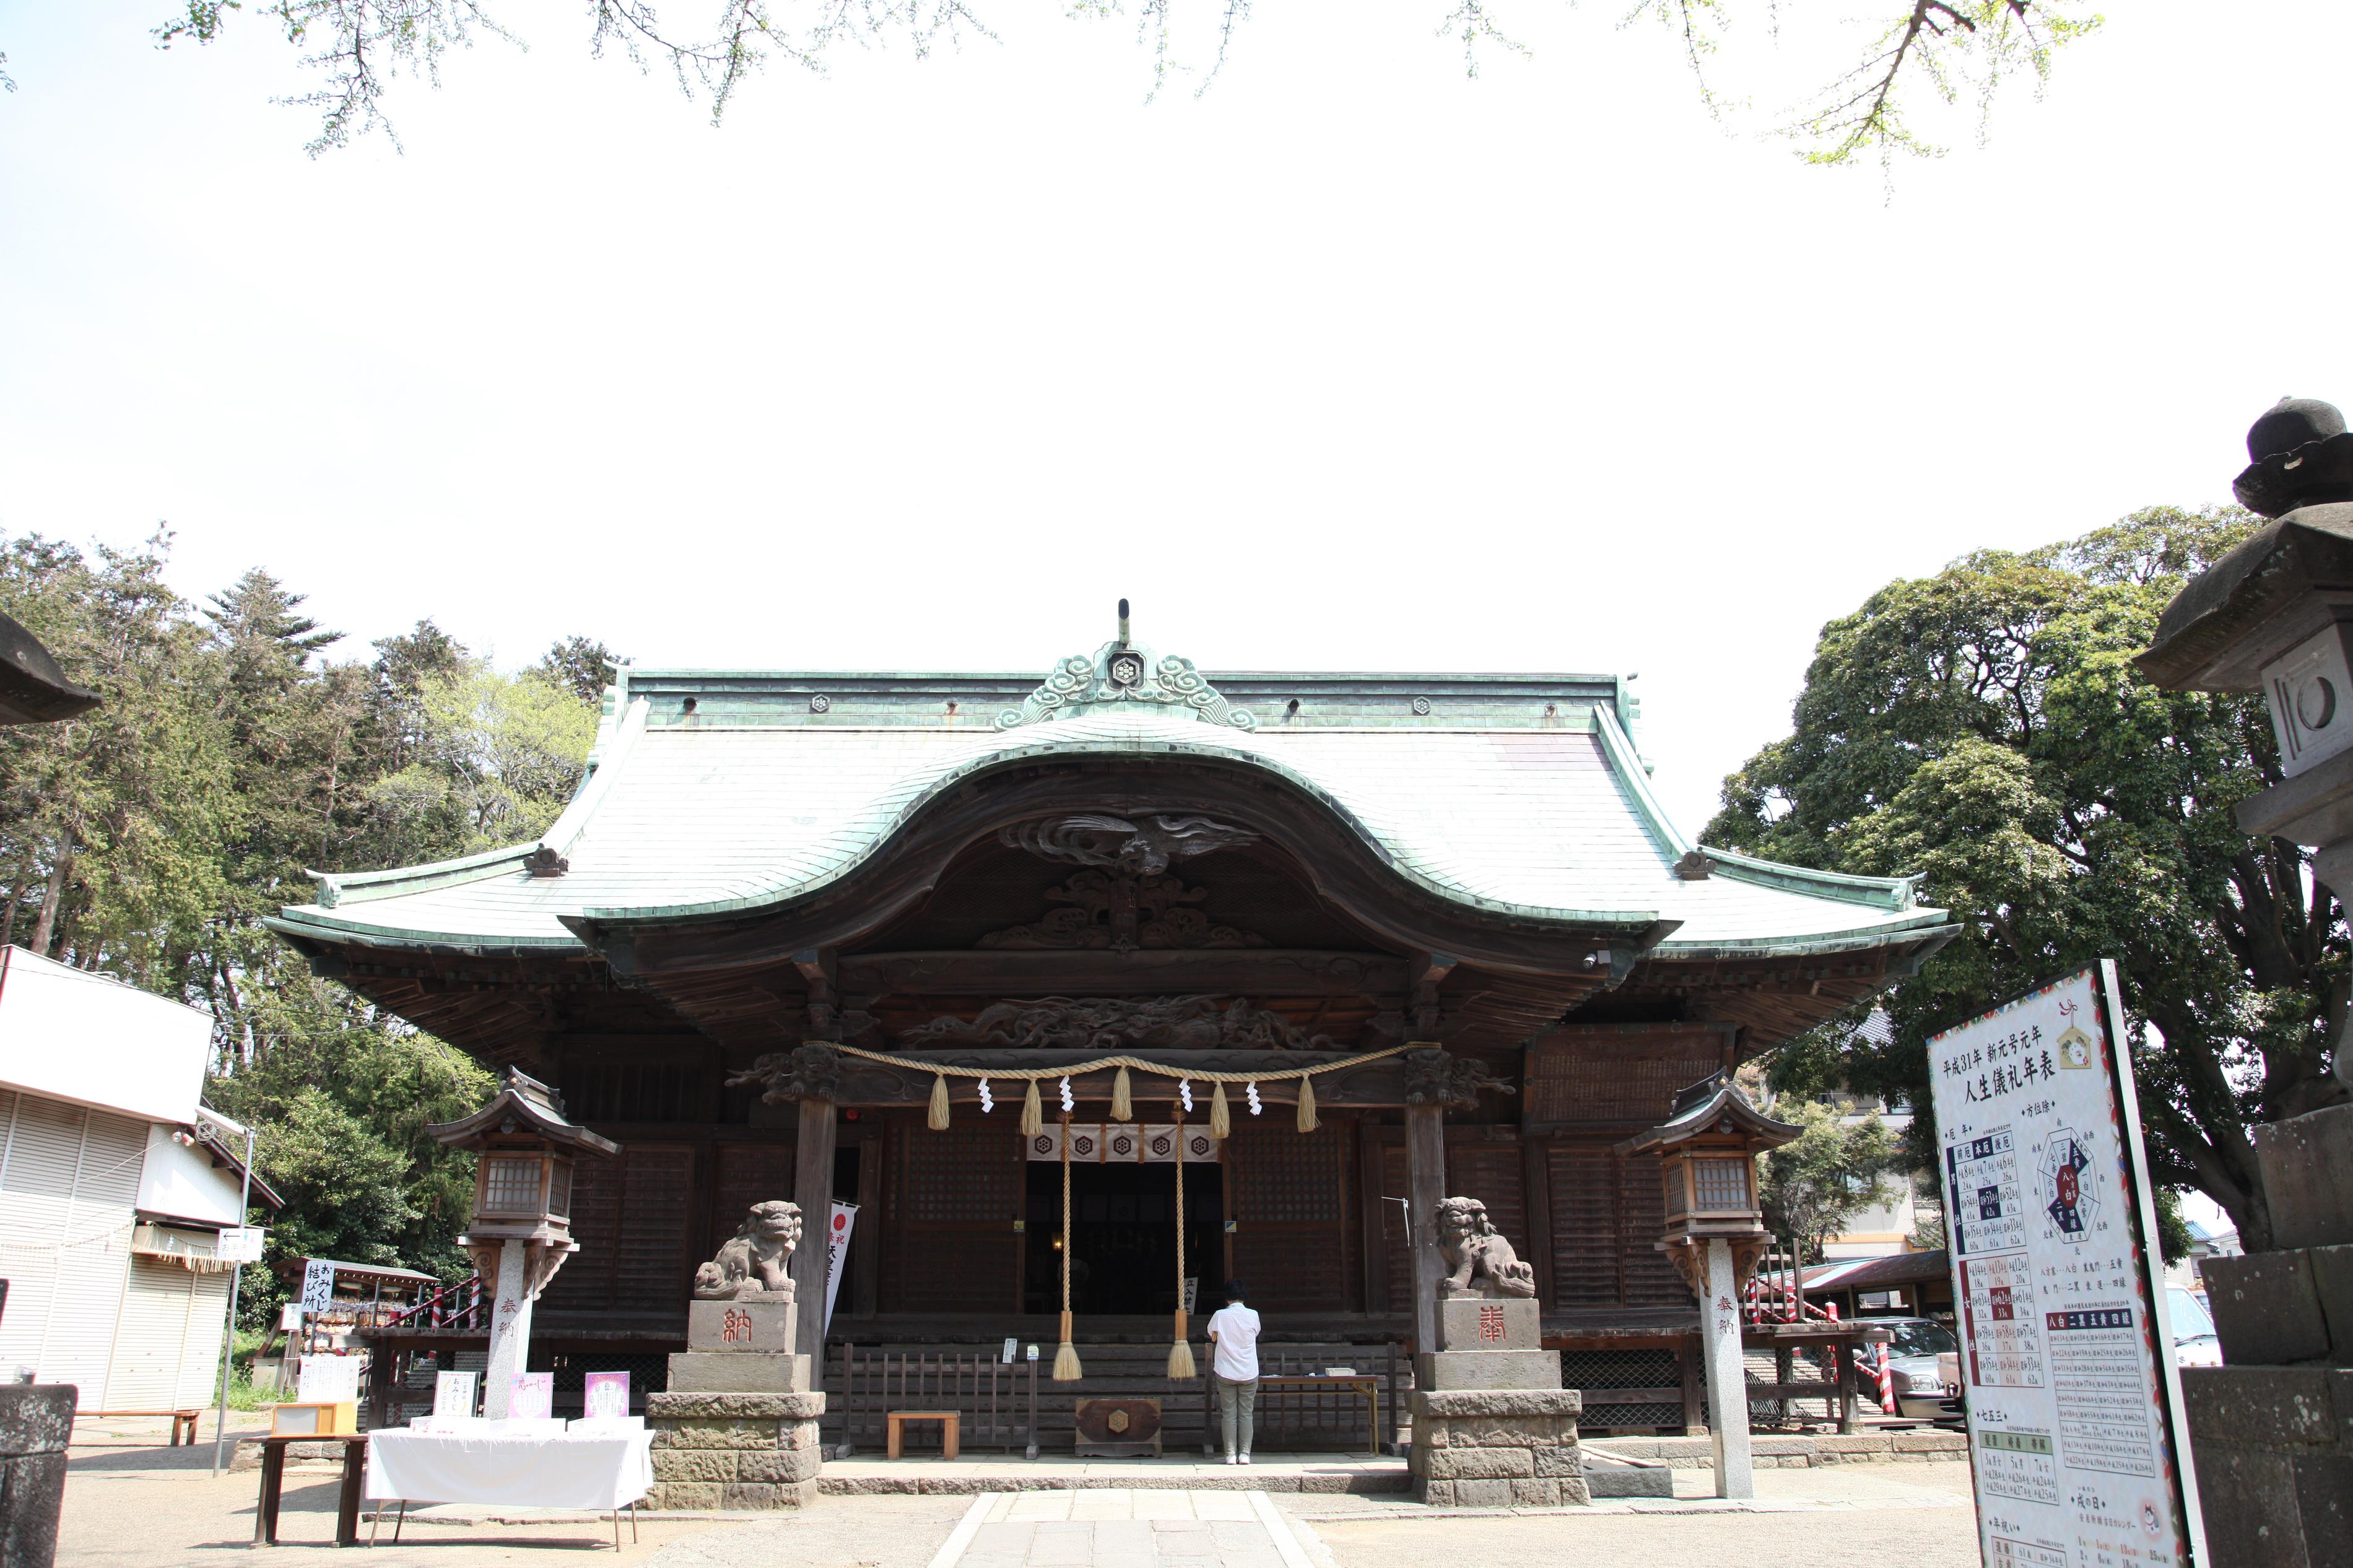 船橋市の二宮神社へお宮参りのロケーション撮影に行ってきました☘